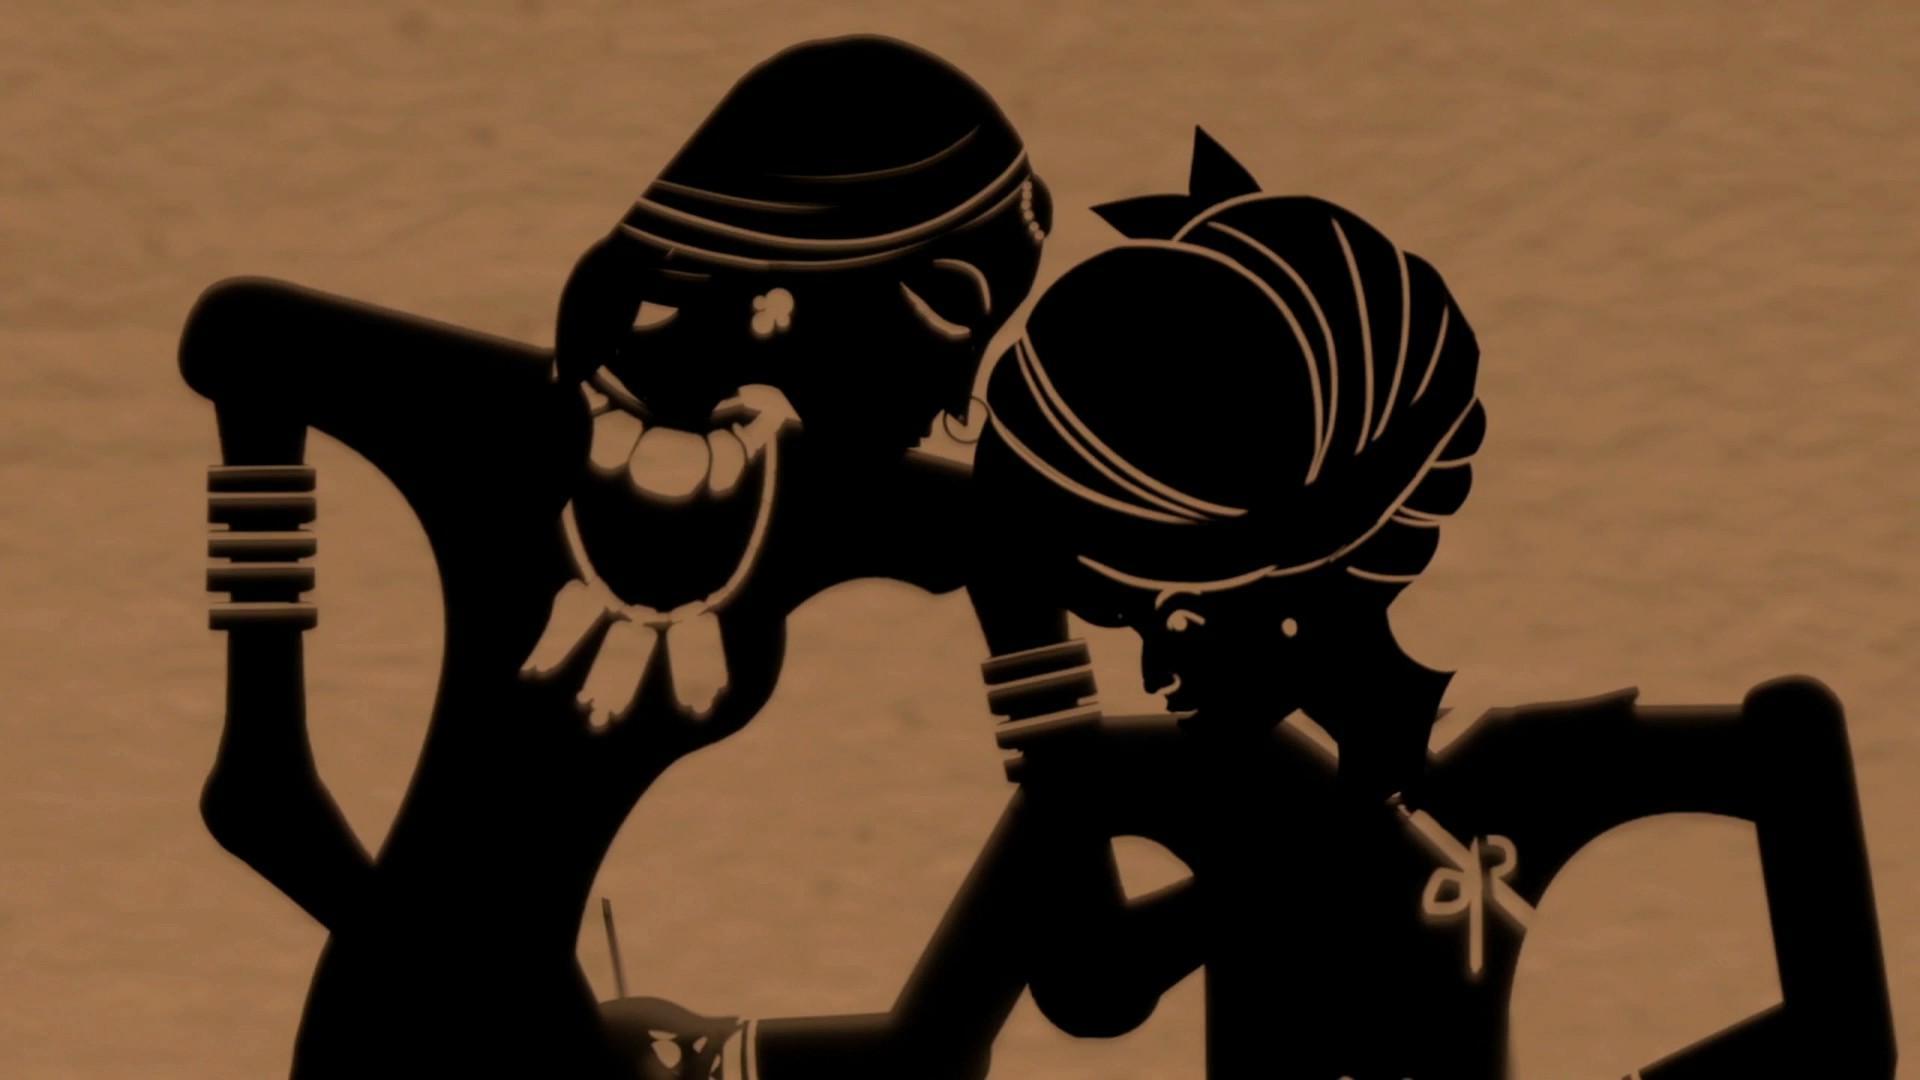 《拉吉:远古传奇》评测:从古印度神话故事走出的冒险